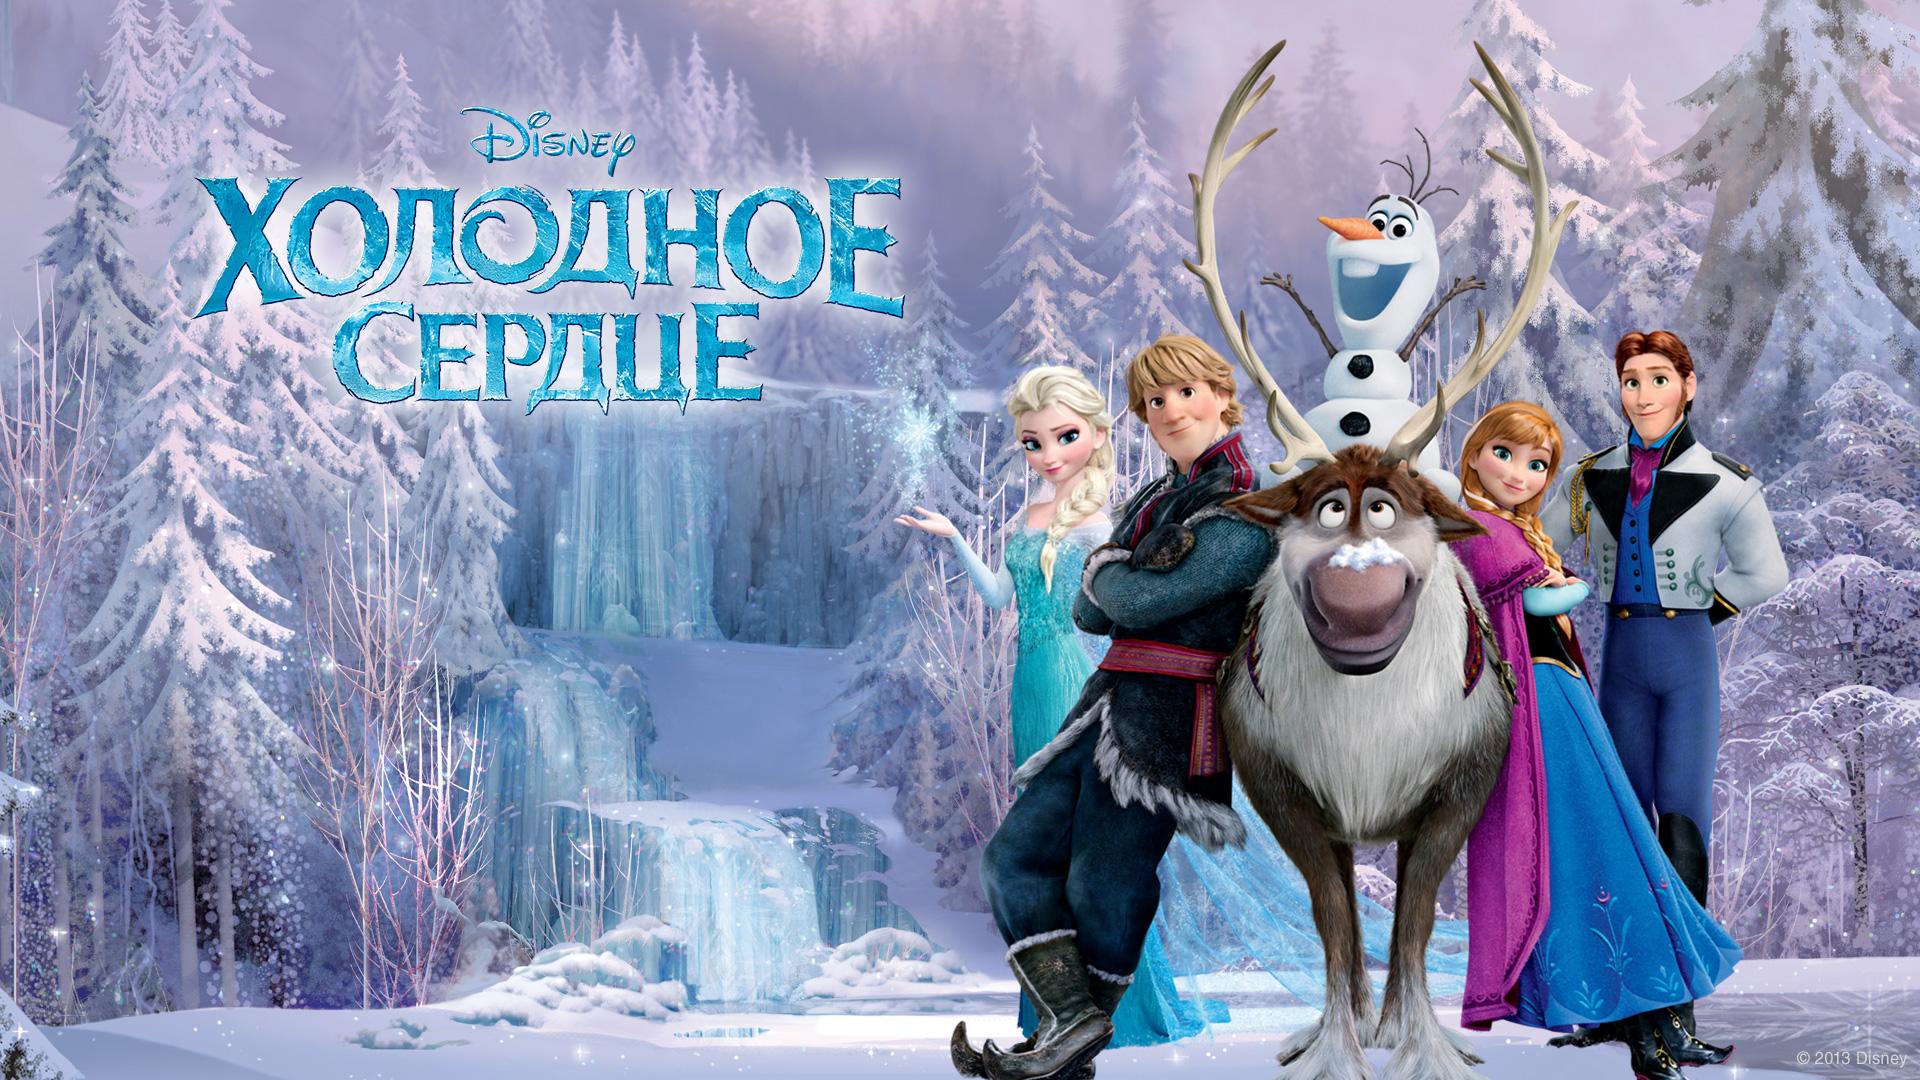 Disney Frozen Sven Wallpaper  x